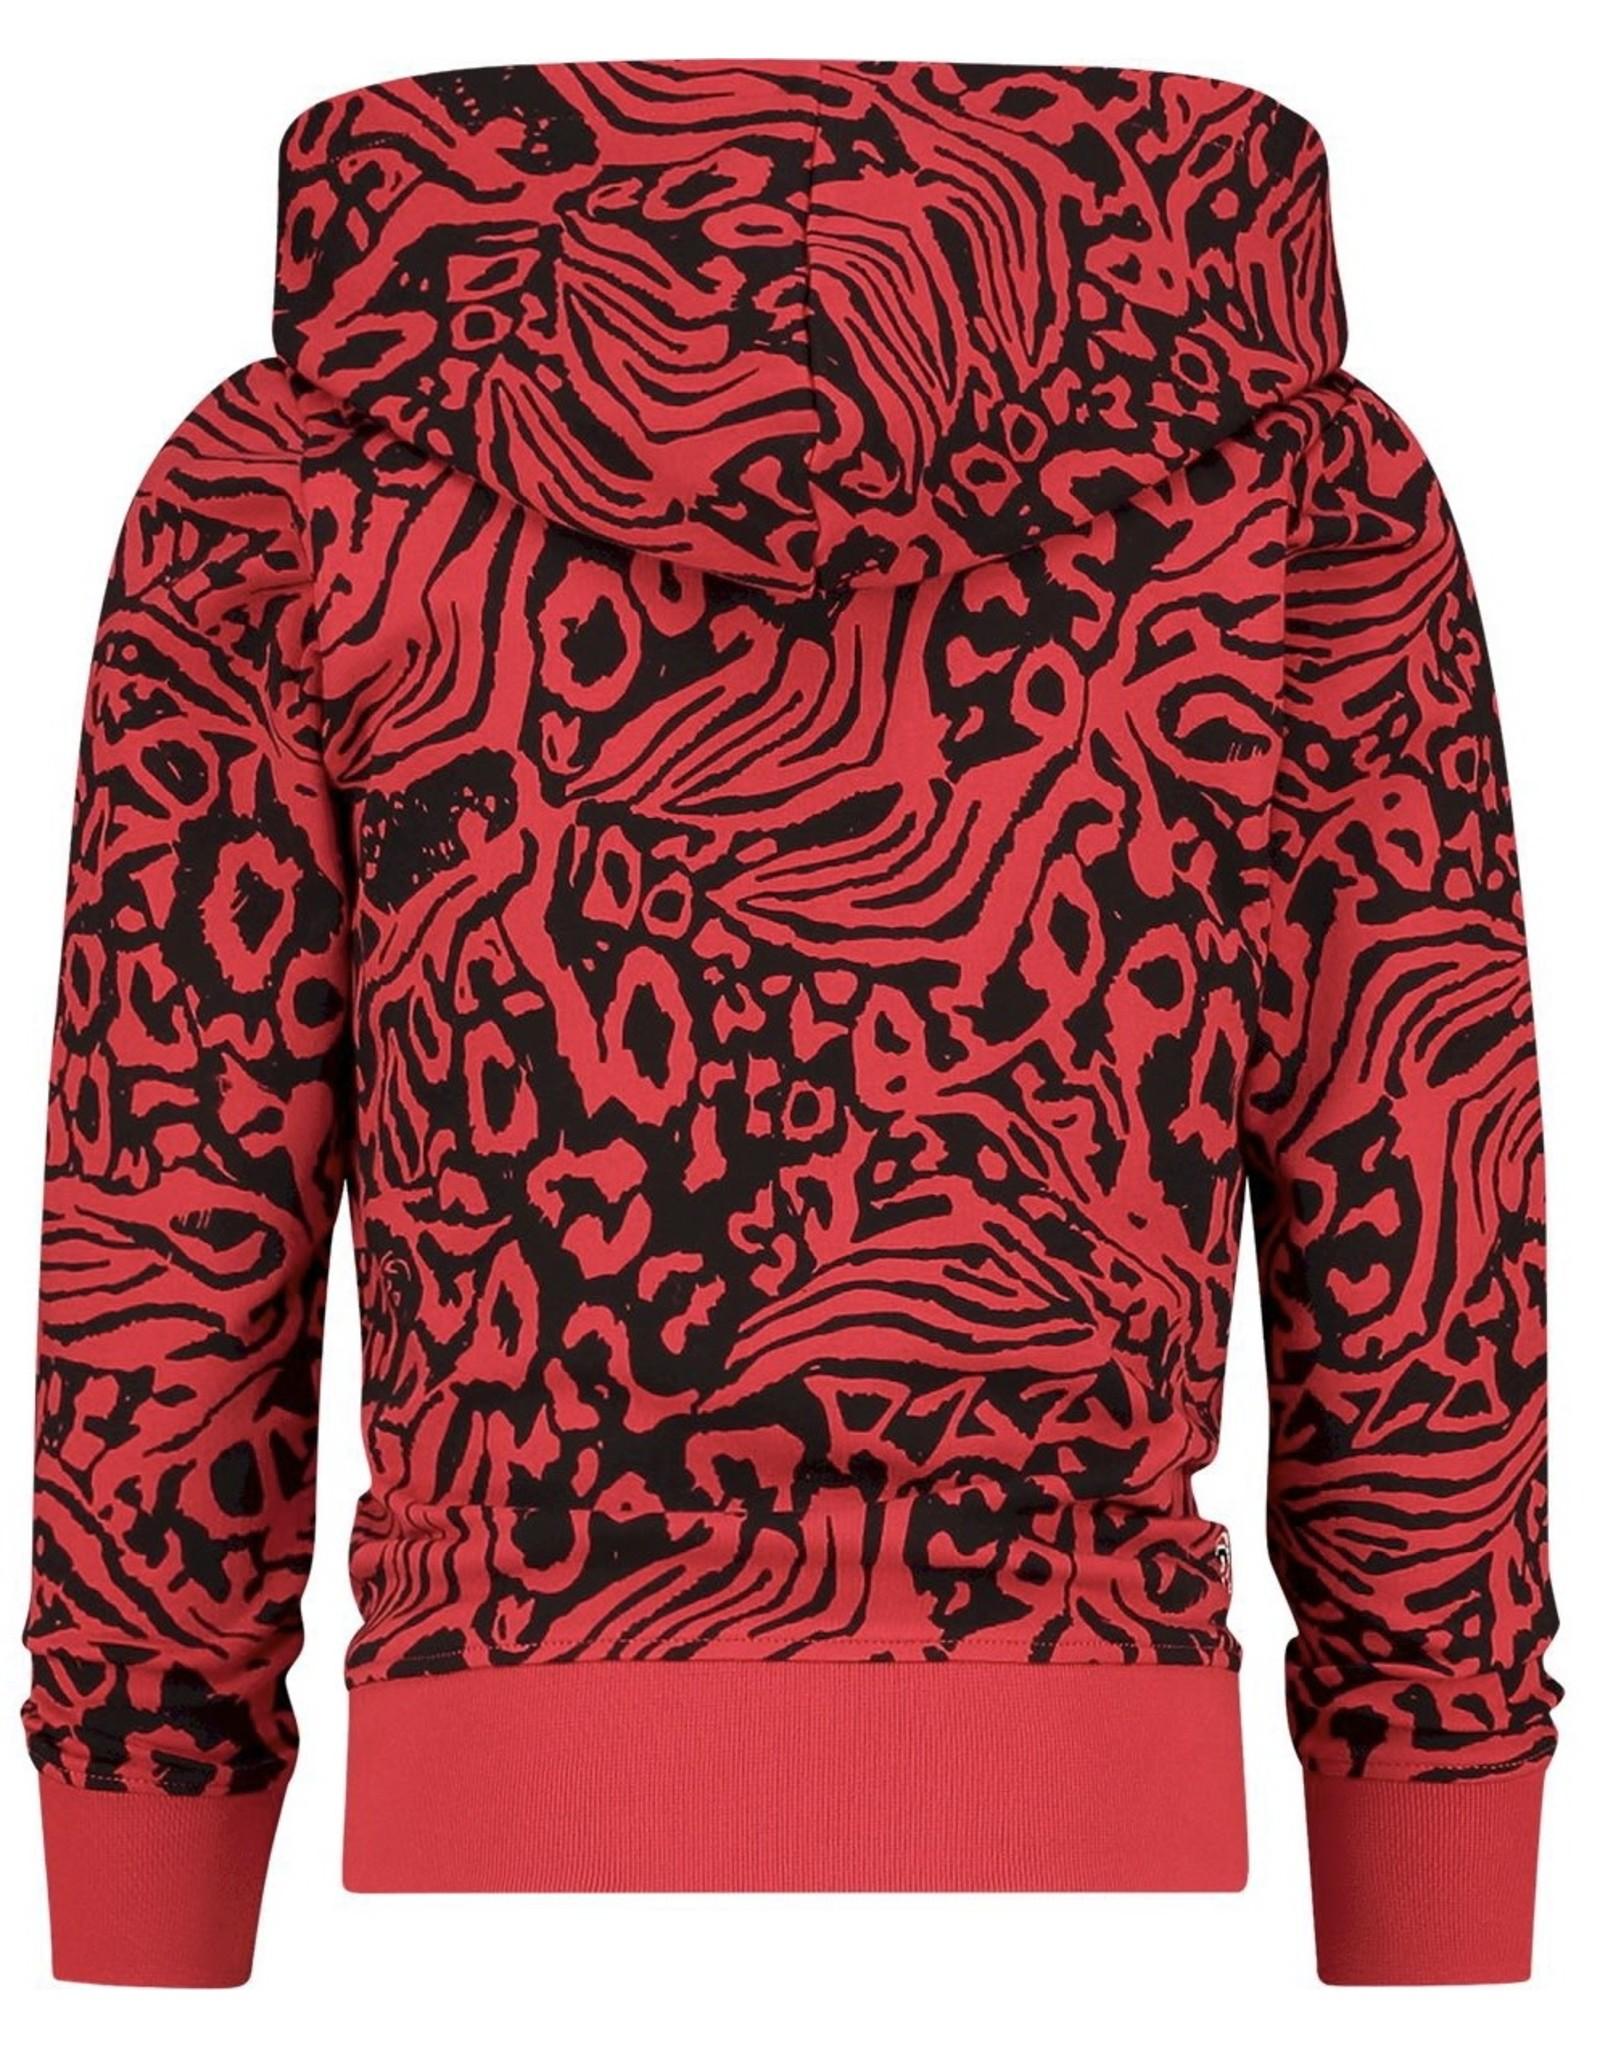 Raizzed Perth sweater